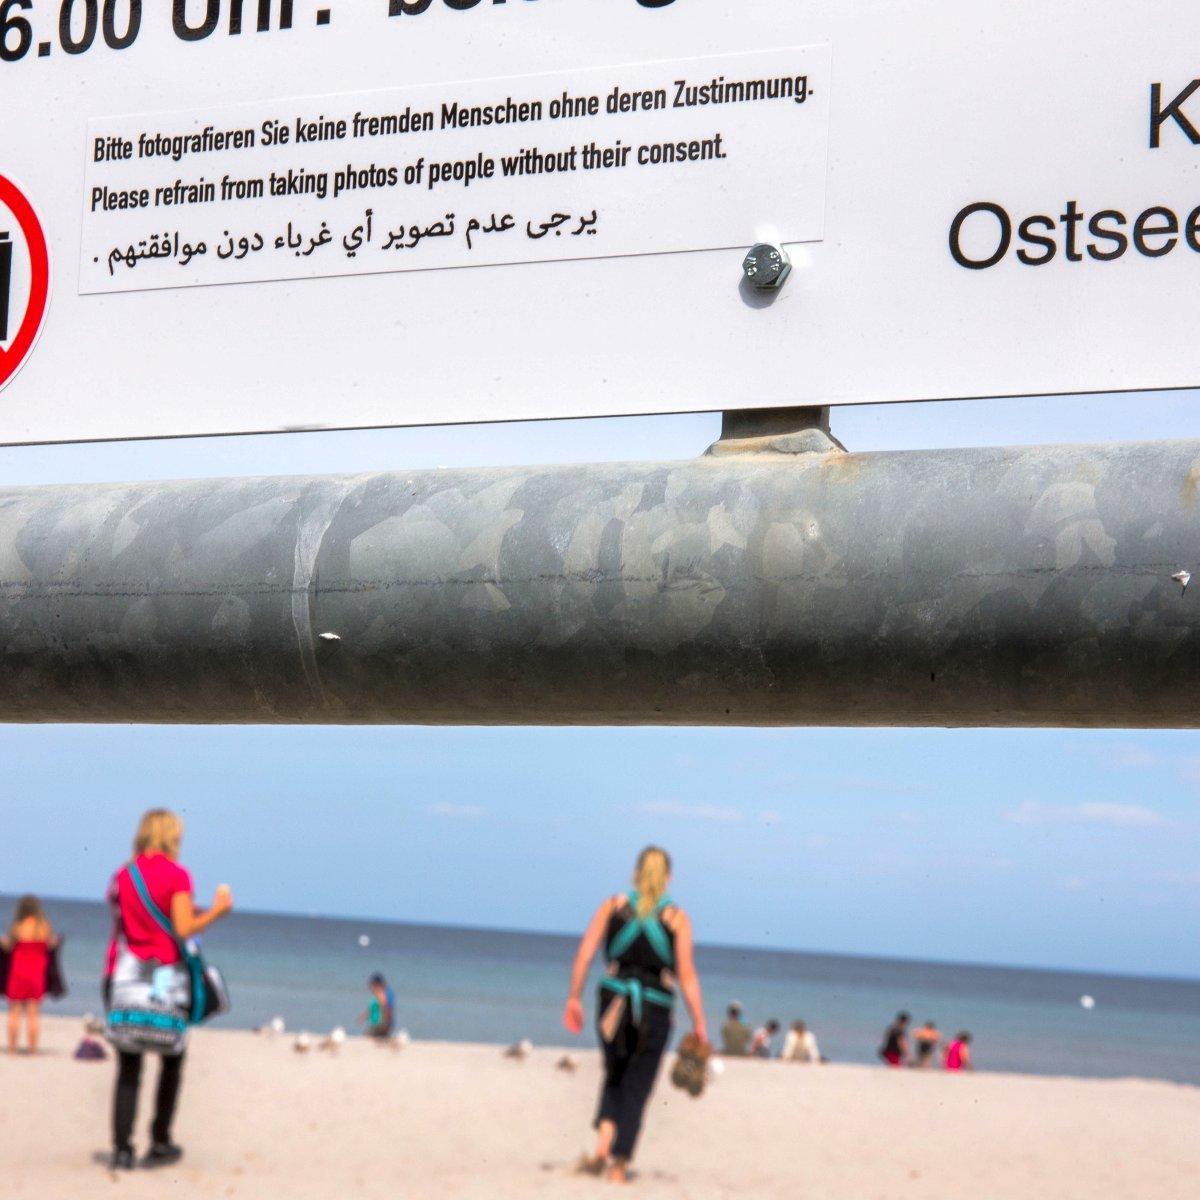 Junge leute strand ostsee fkk Ostsee junge